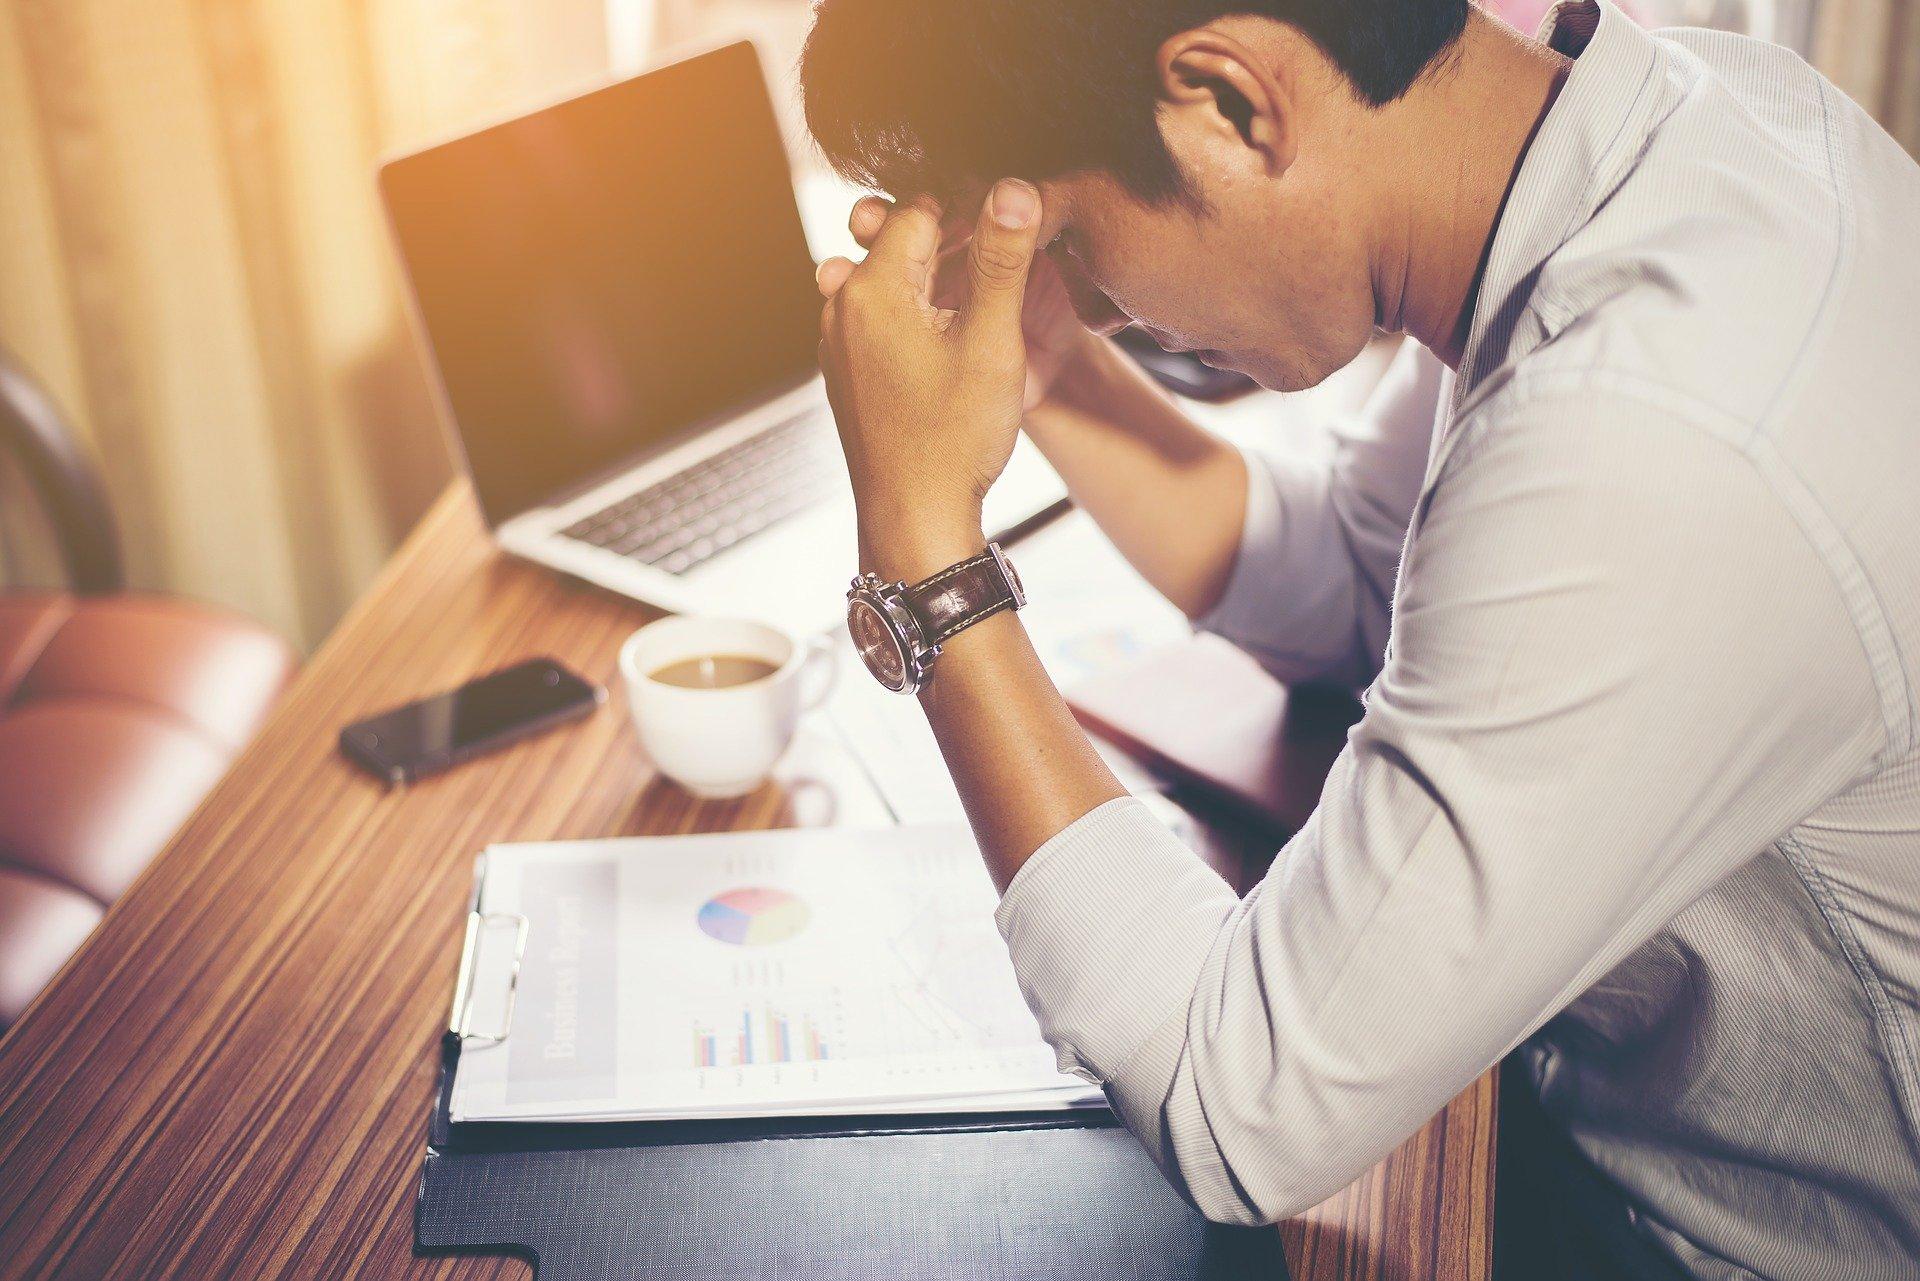 Estrés laboral en autónomos: aprende a gestionarlo